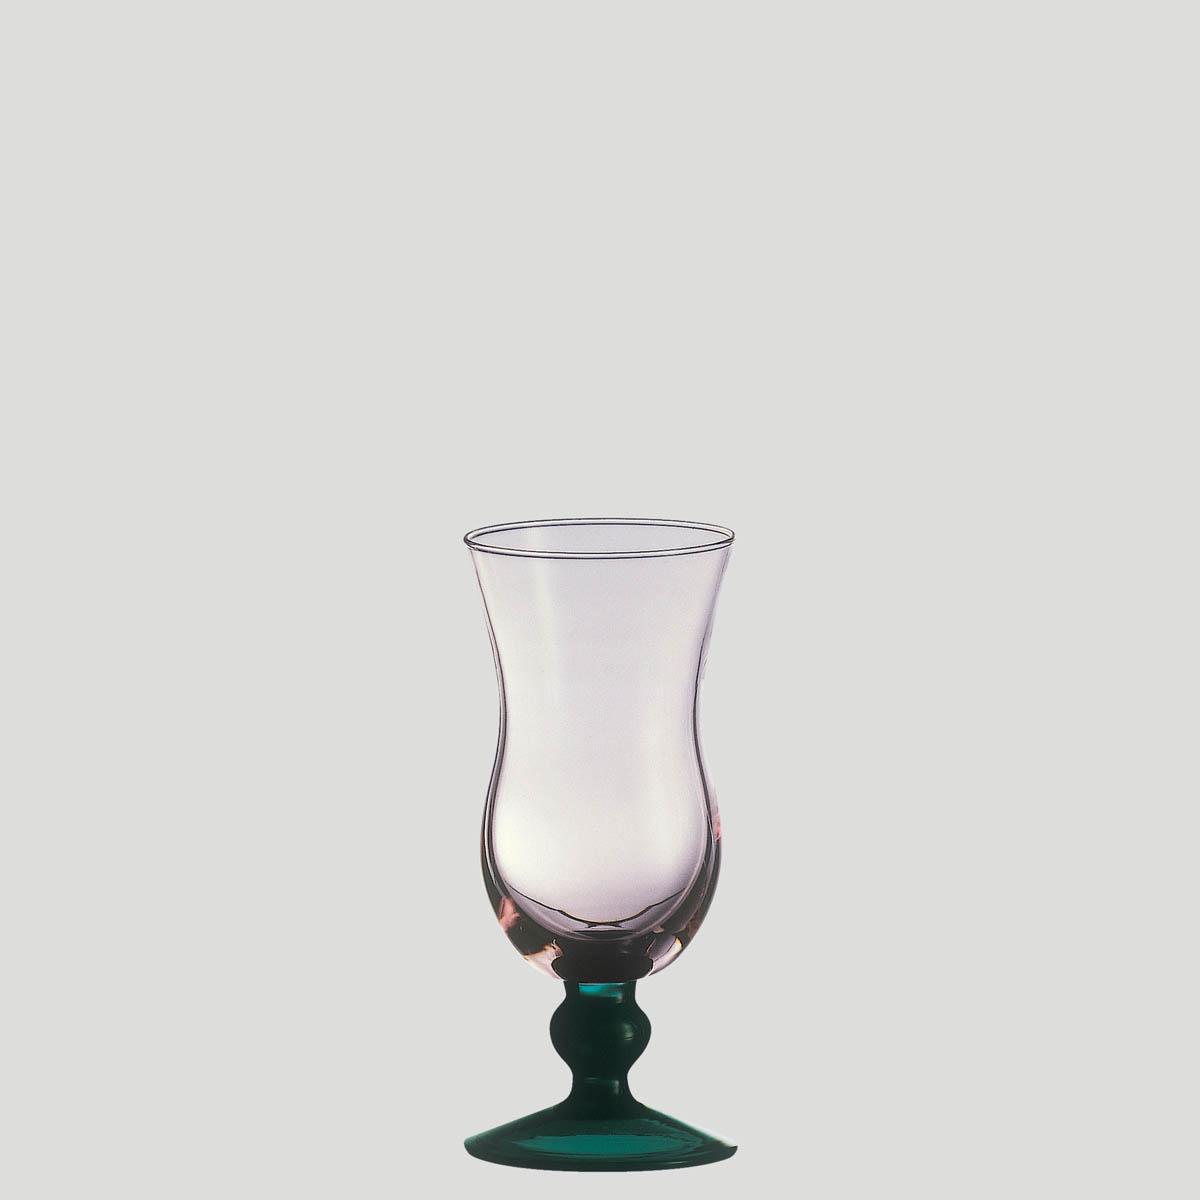 Tulipano alto - Coppa per gelato in vetro - Gardagel